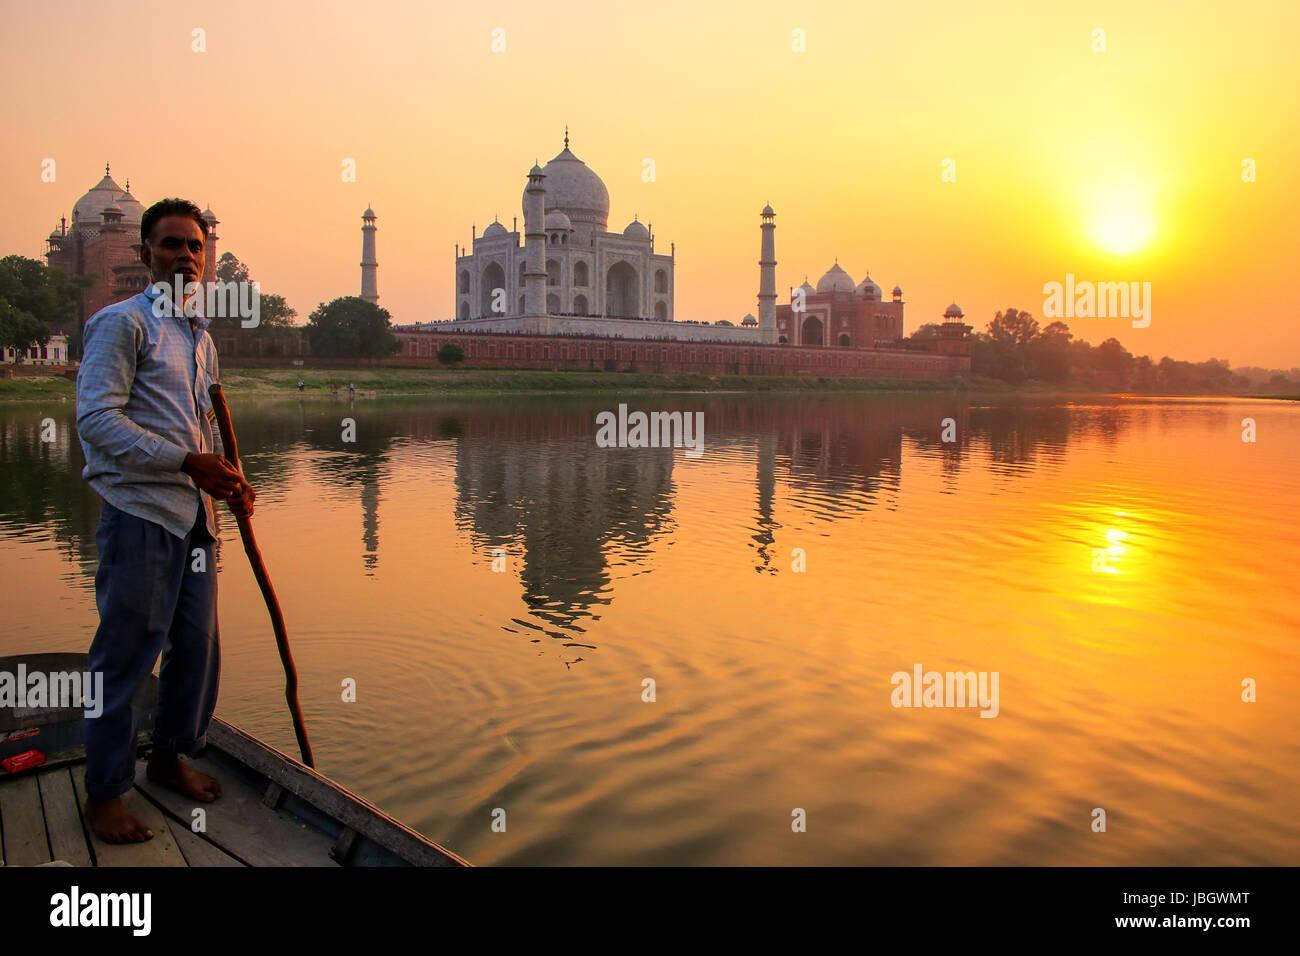 Locali sterzo uomo barca sul fiume Yamuna al tramonto nella parte anteriore del Taj Mahal, Agra, India. Esso fu Immagini Stock